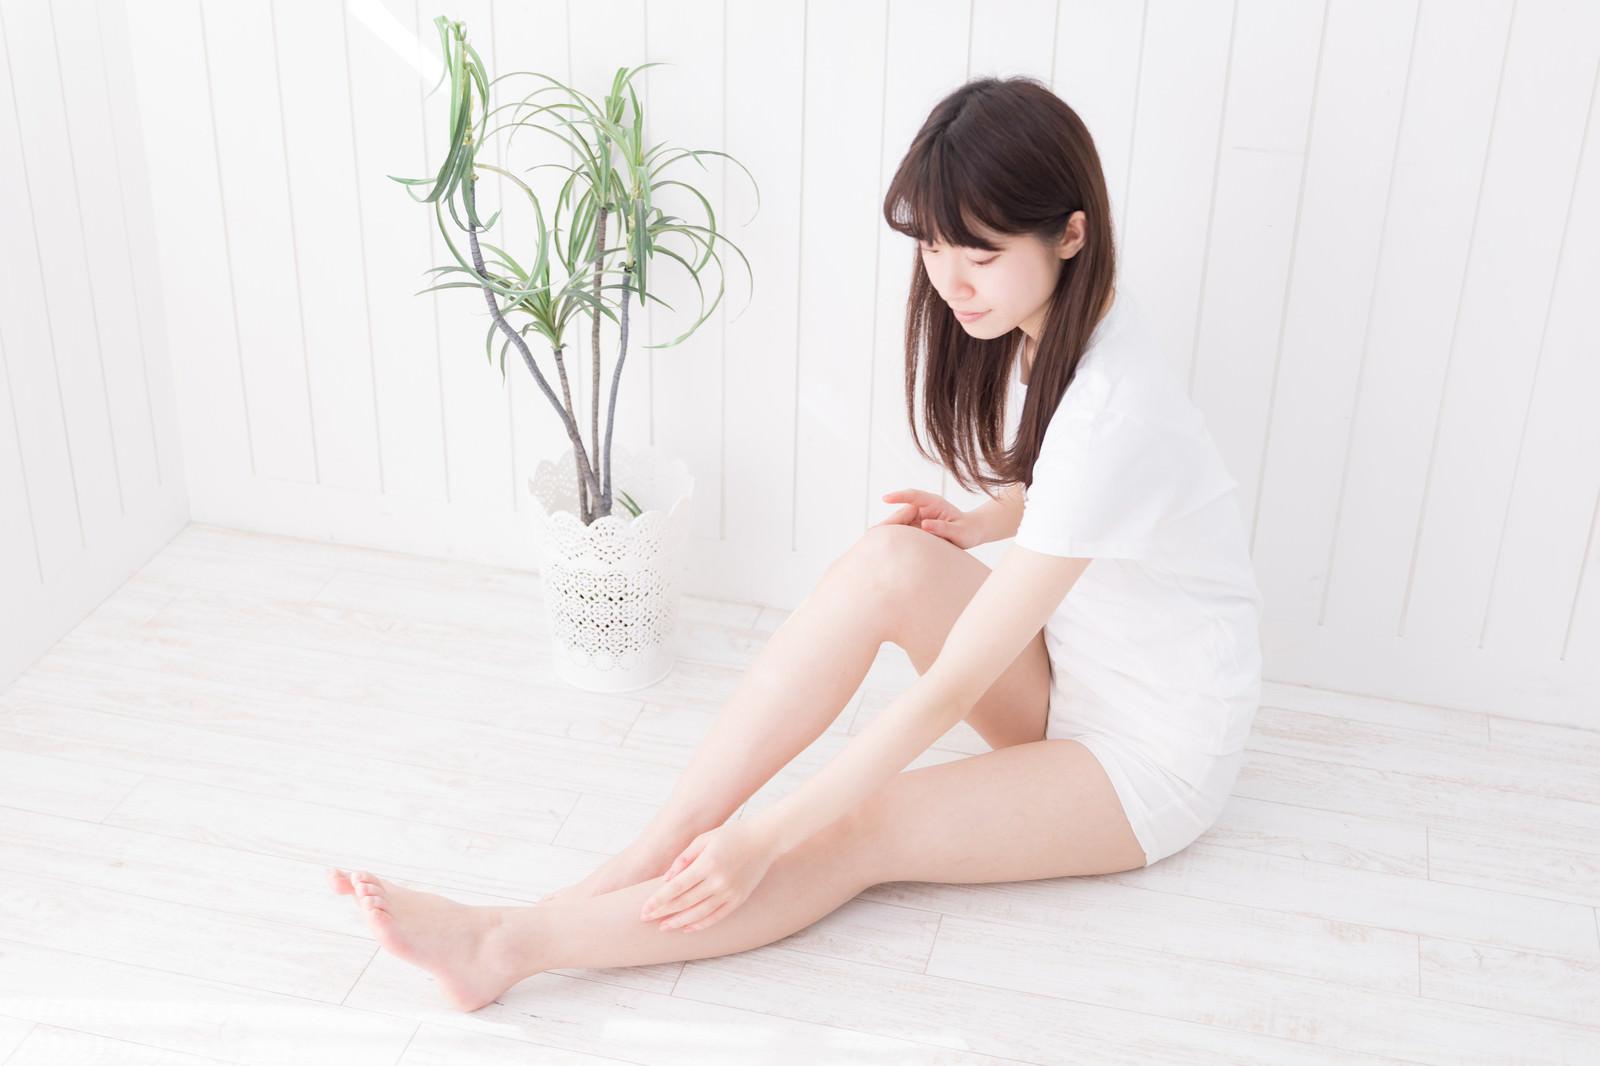 「ツルツルの素足」の写真[モデル:川子芹菜]